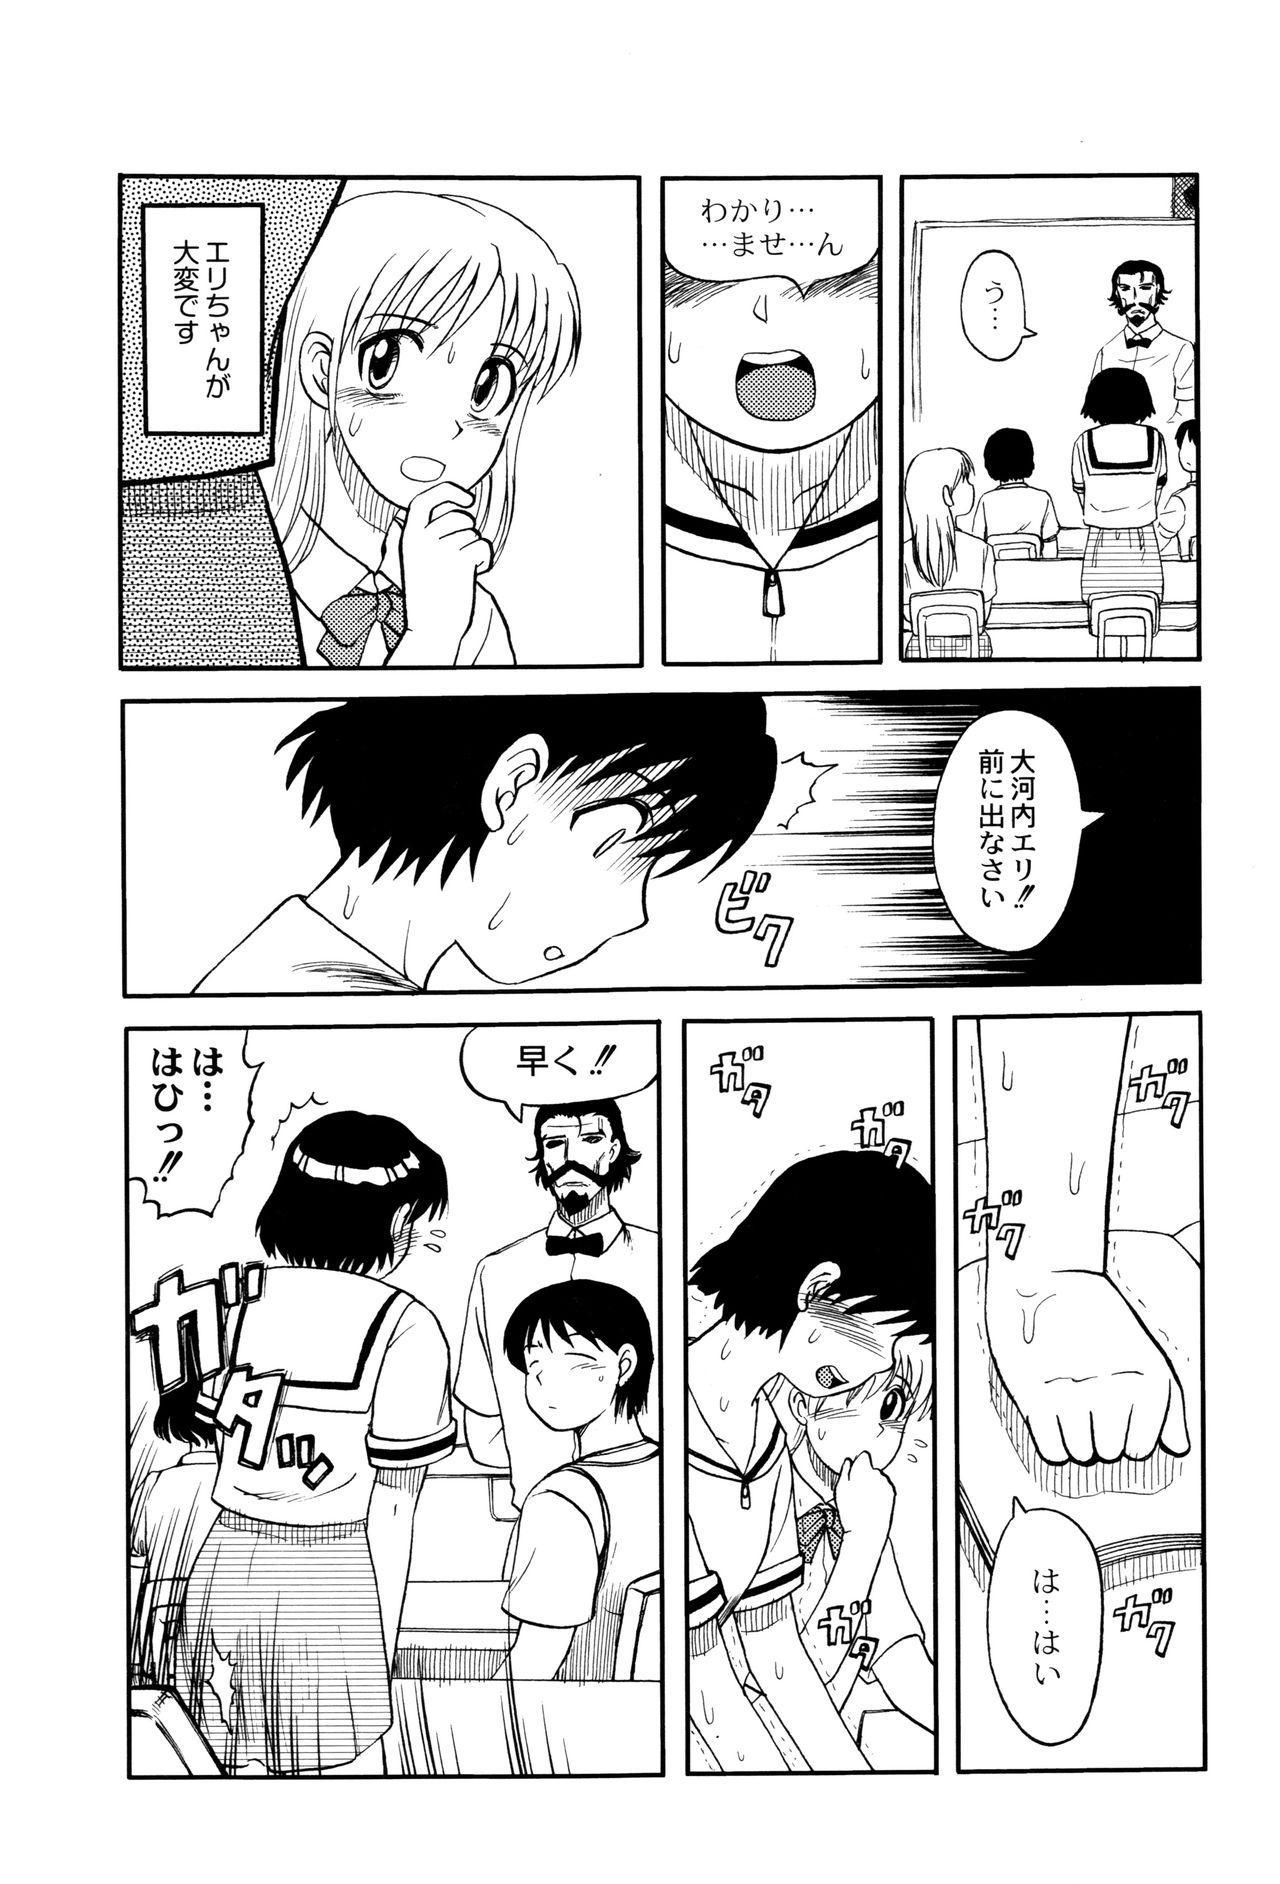 Chishigoyomi 163